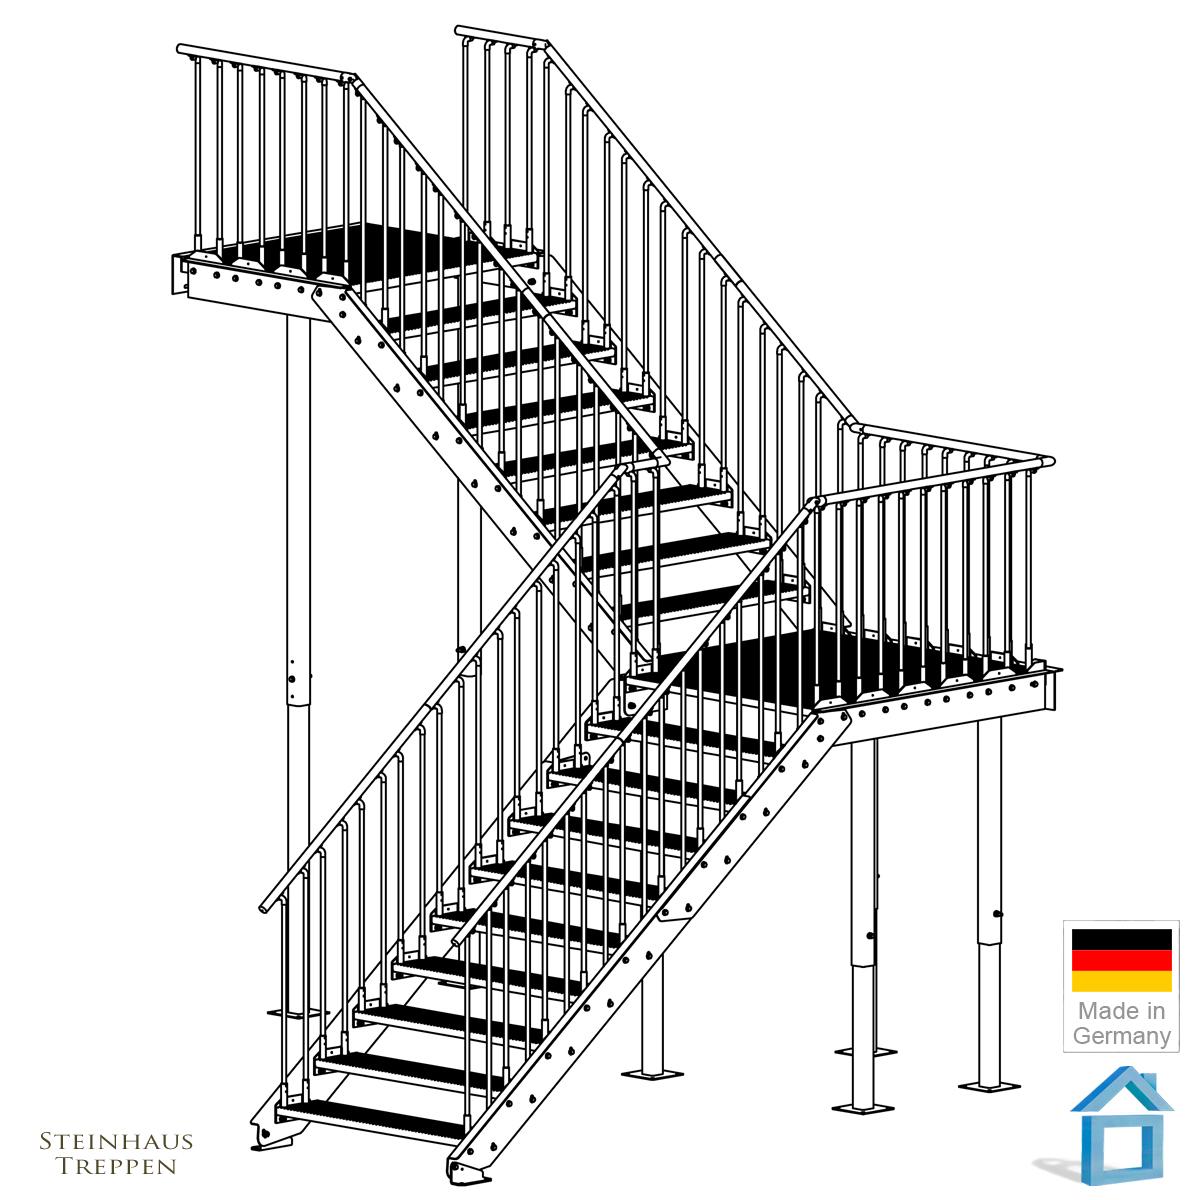 eingangstreppe l sung mit wendelung nachr st bausatz stahltreppe aussen steinhaus treppen. Black Bedroom Furniture Sets. Home Design Ideas